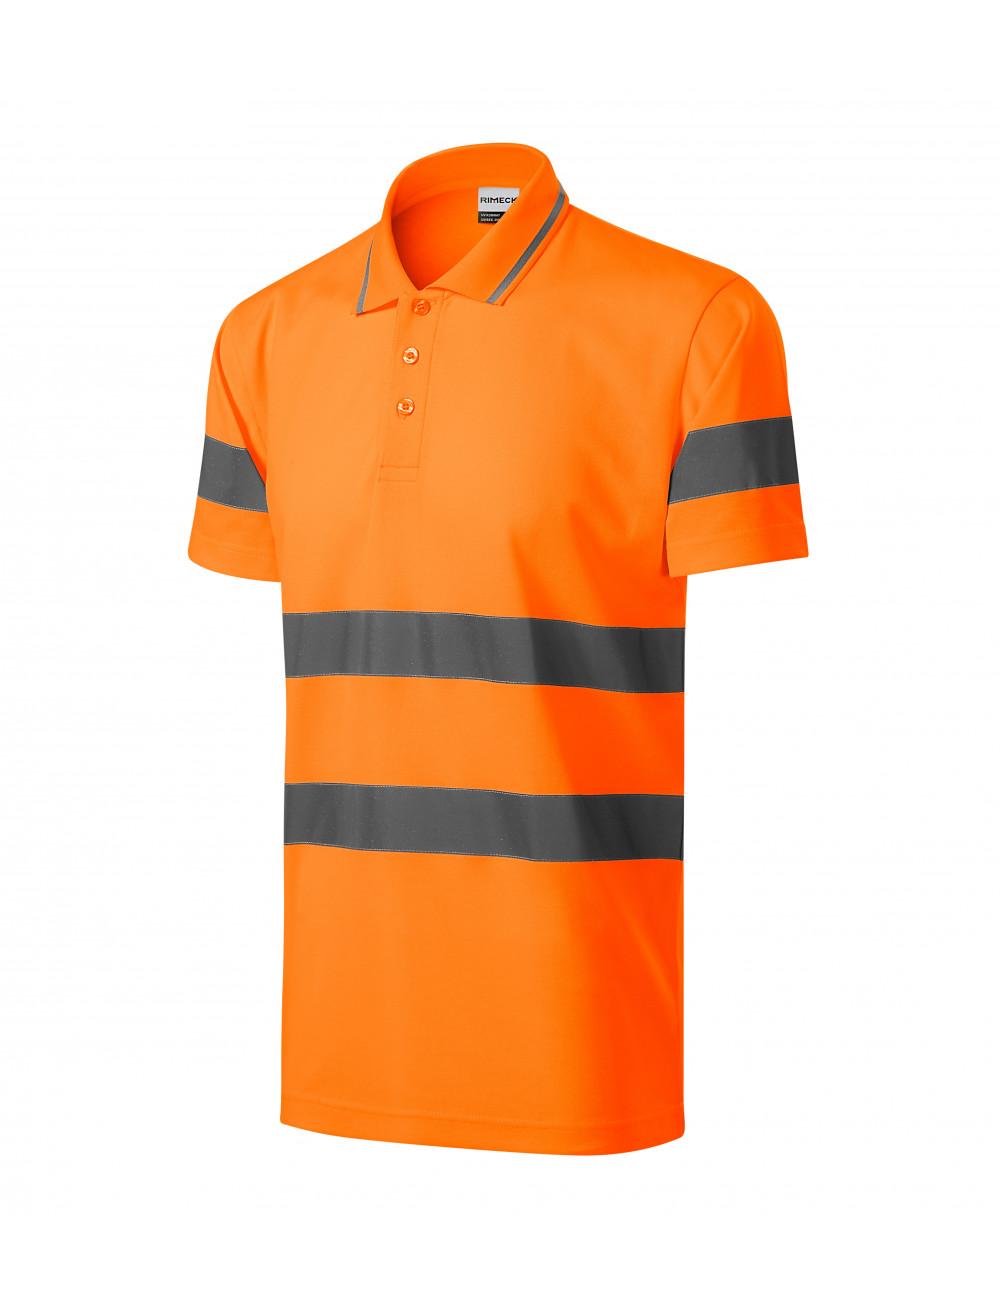 Adler RIMECK Koszulka polo unisex HV Runway 2V9 odblaskowo pomarańczowy